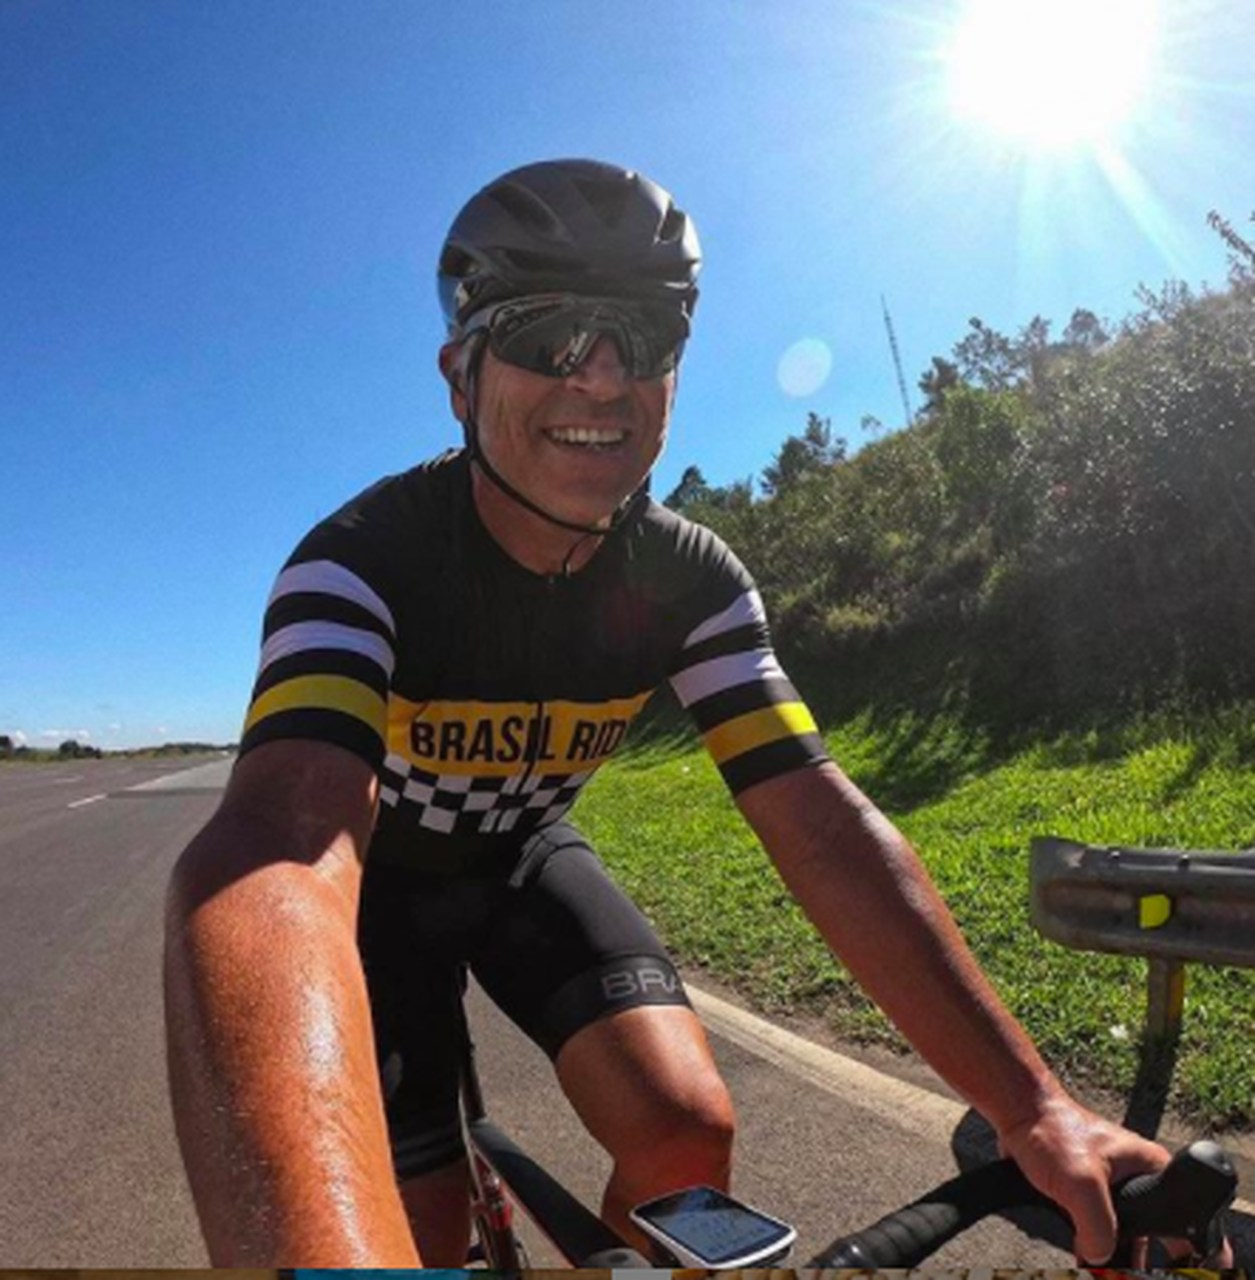 Bretelle Brasil Ride Masculino - New